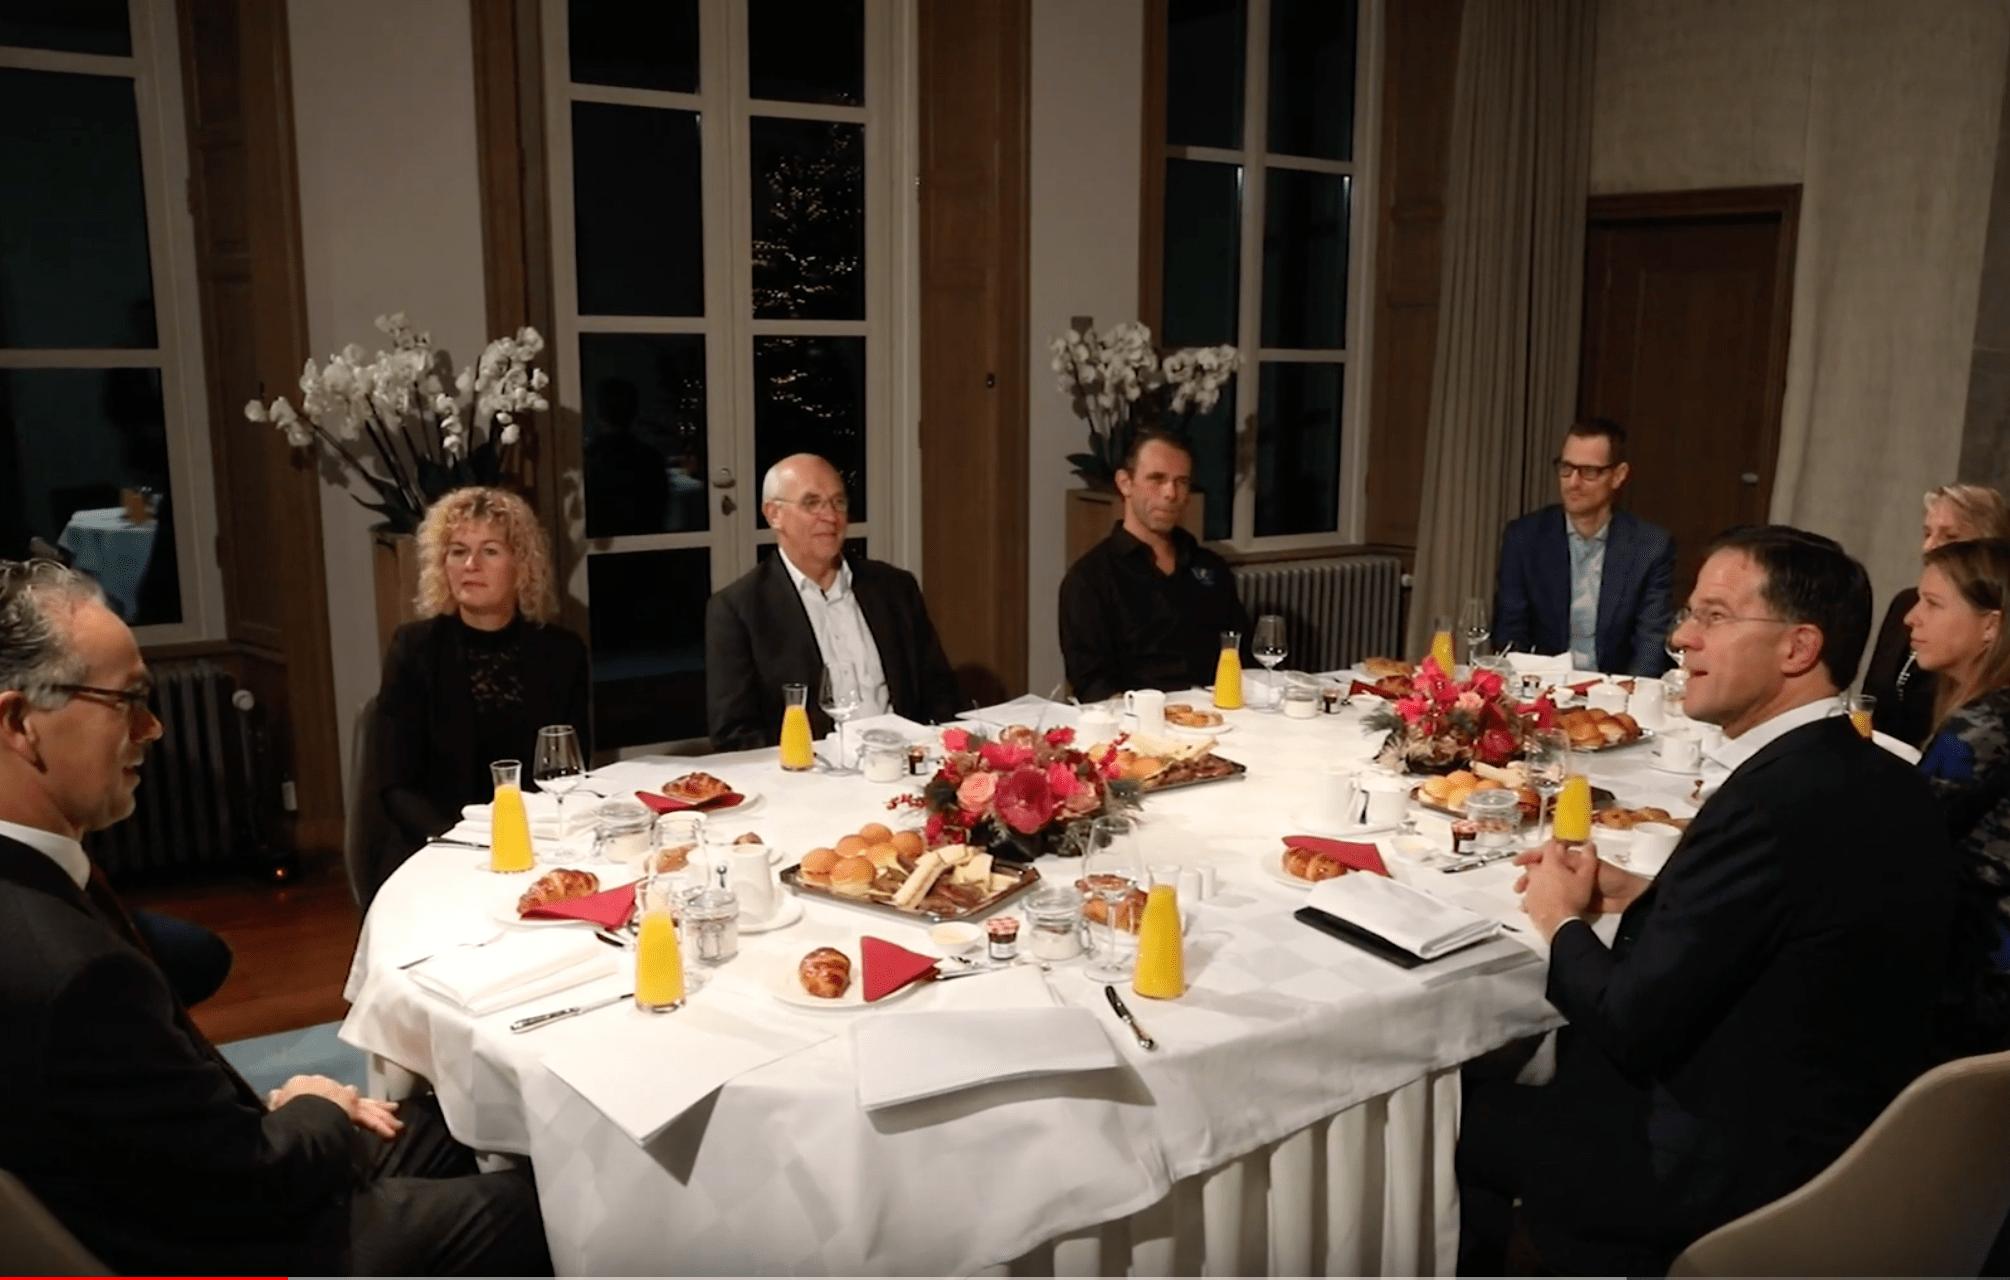 Boeren van Nederland:je kunt geen akkoord sluiten bovenop een leugen